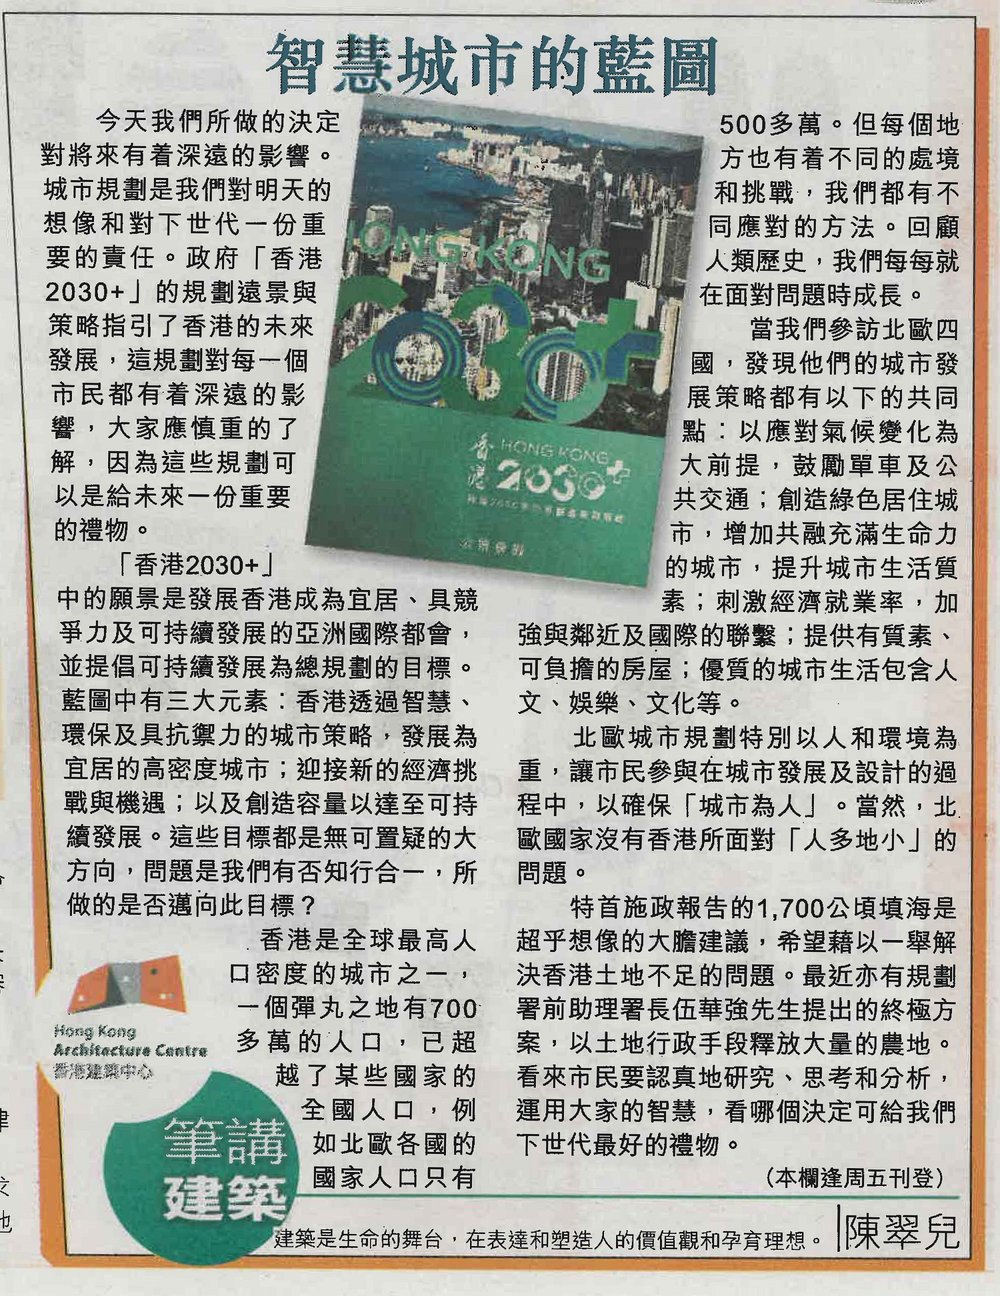 Skypost_190104_陳翠兒_智慧城市的藍圖_Resize.jpg